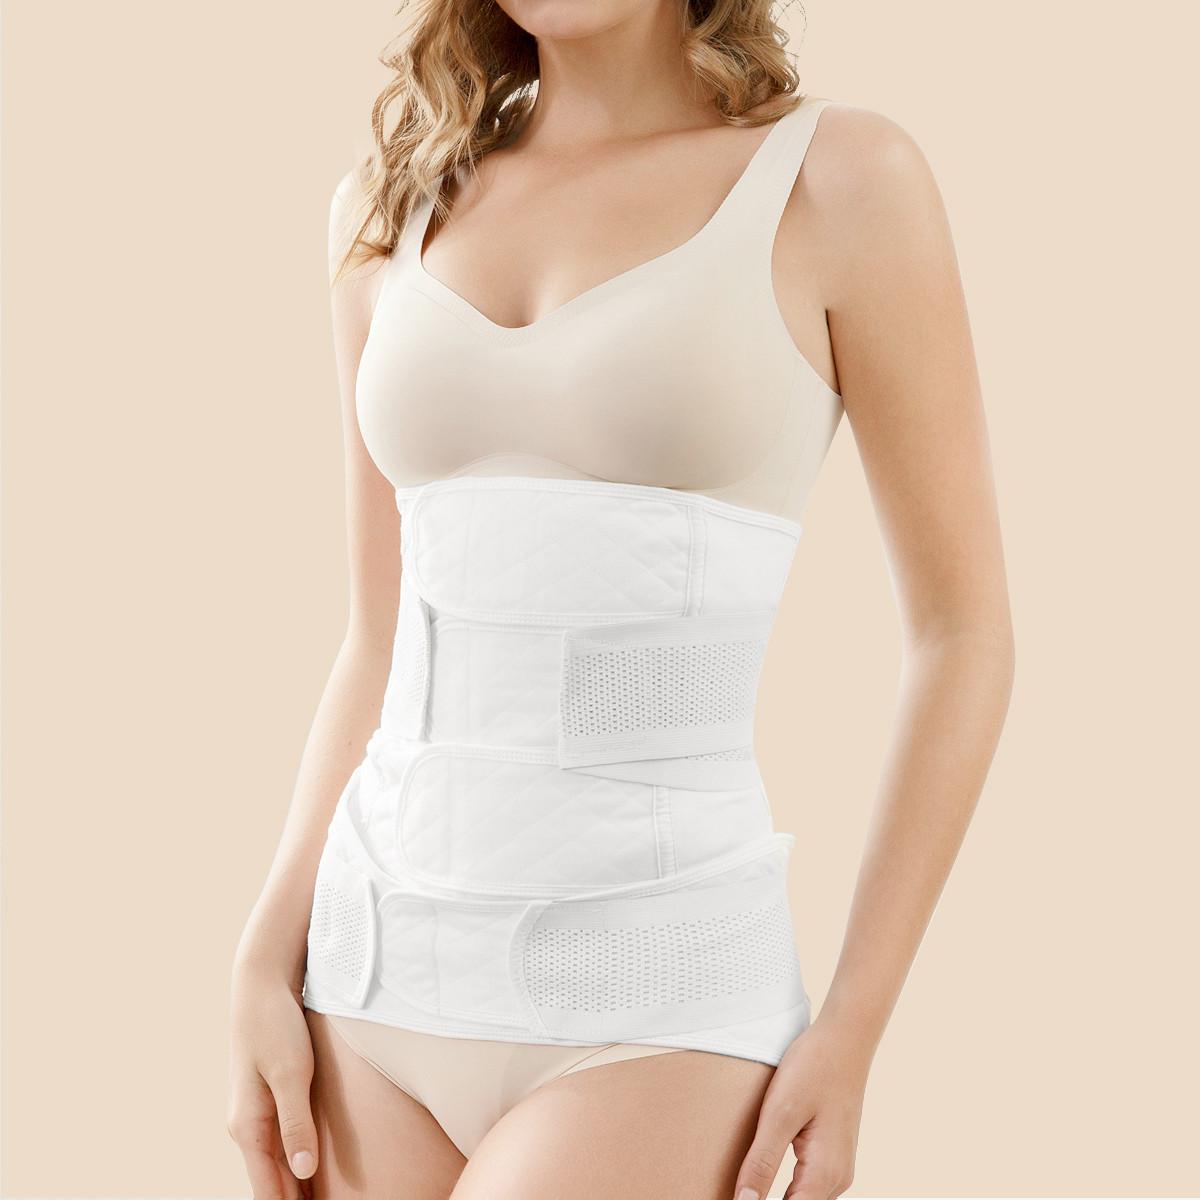 琳达妈咪 产后收腹带2件套产后专用纯棉纱布束腹带骨盆带剖腹顺产束腰带